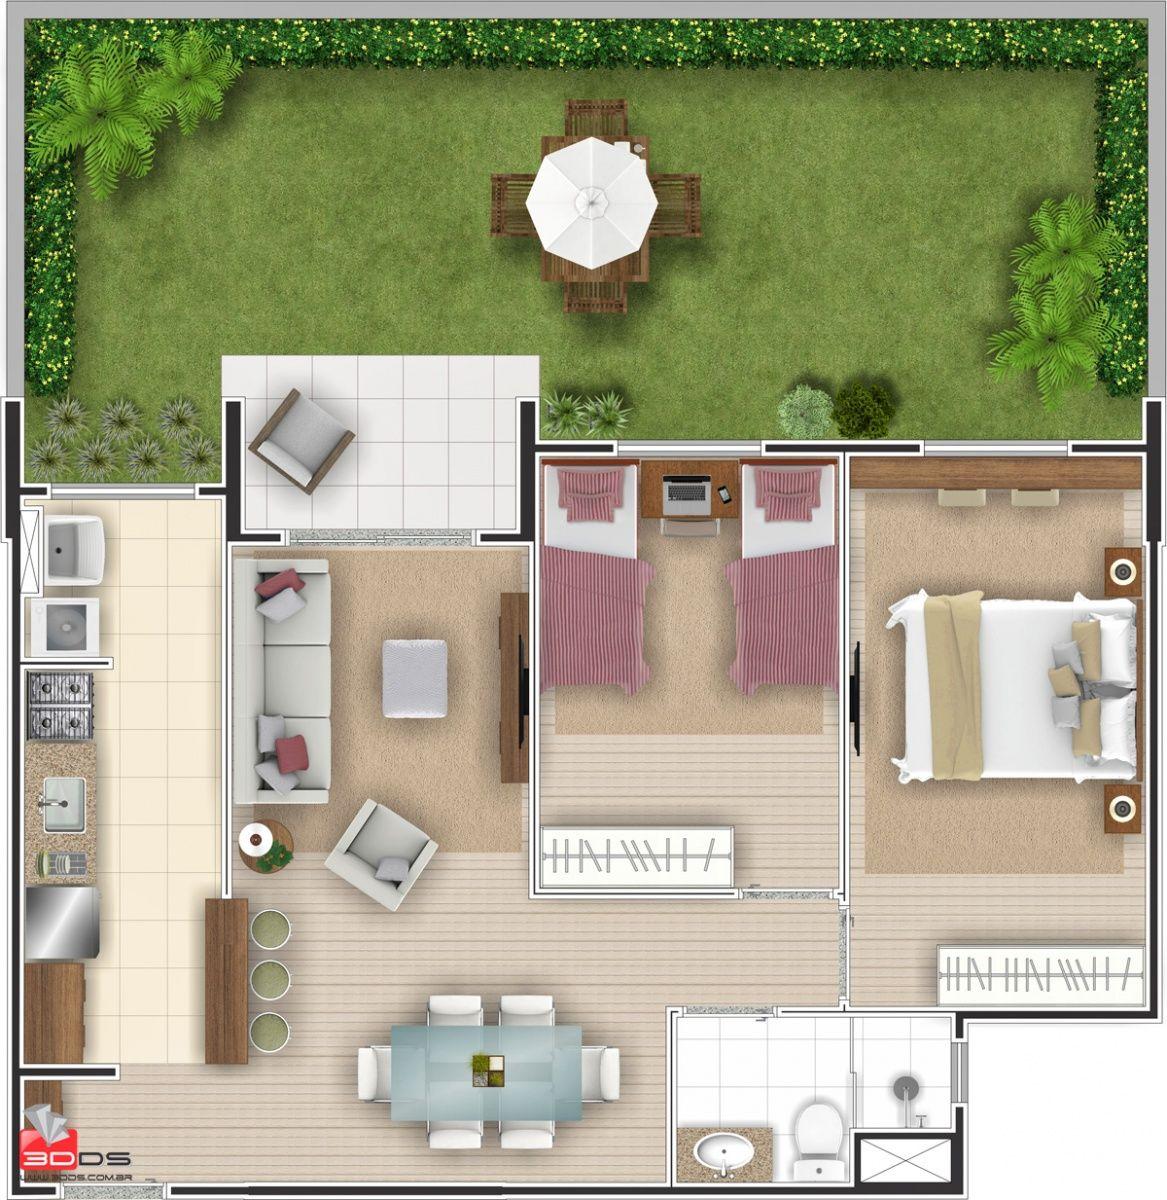 2 Recamaras 1 Piso Casas Prefabricadas Casas Planos De Casas